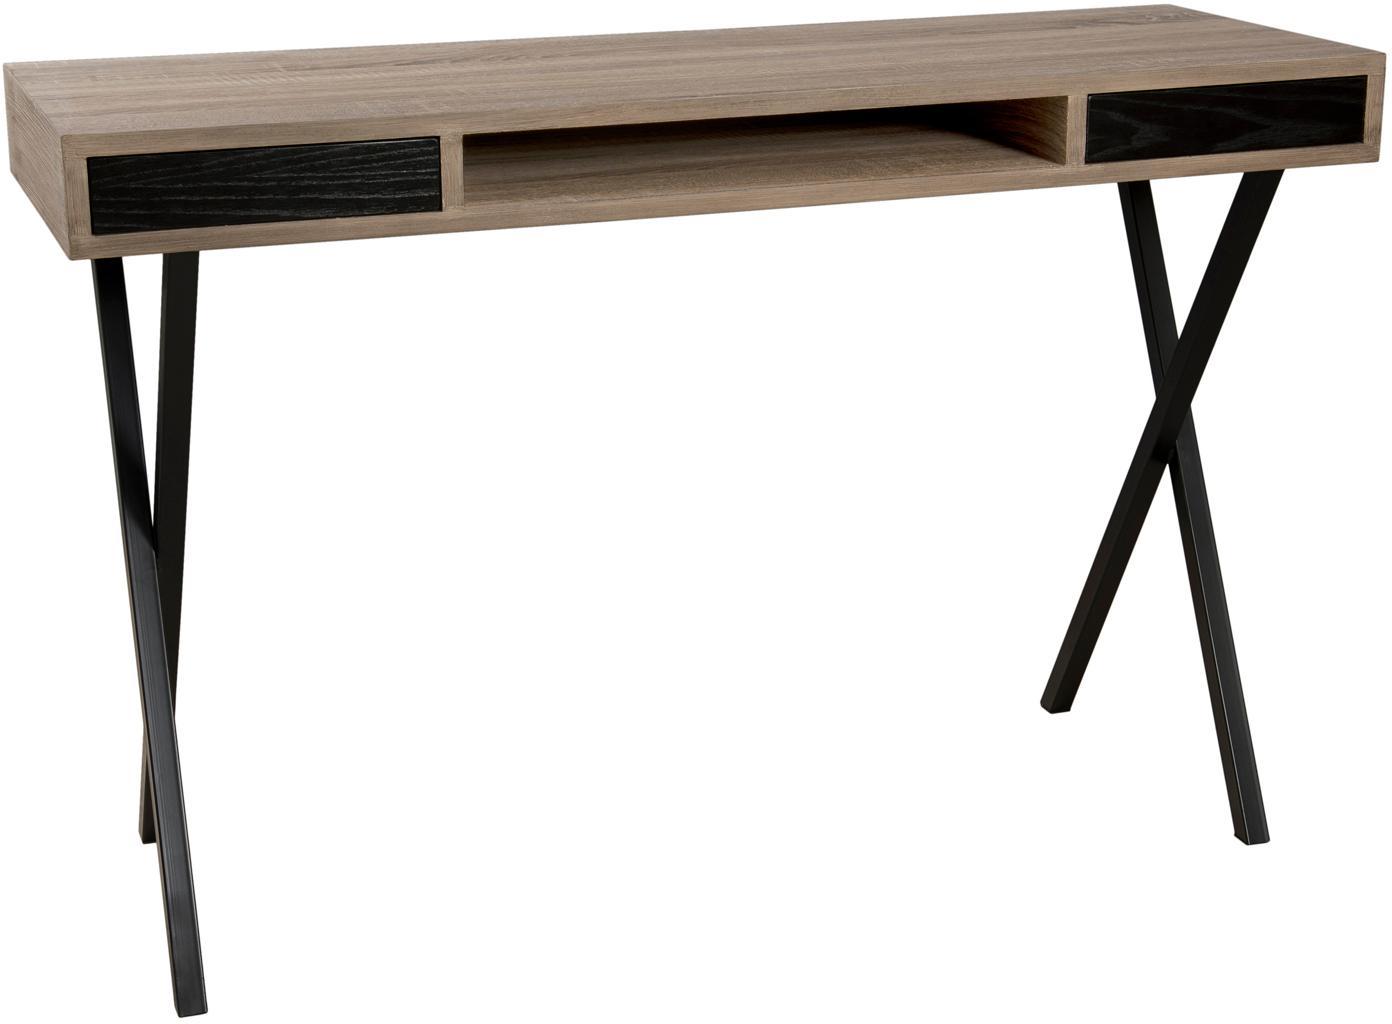 Schmaler Schreibtisch Julia mit Schubladen, Korpus: Mitteldichte Holzfaserpla, Gestell: Metall, lackiert, Teakholz, Schwarz, B 120 x T 40 cm